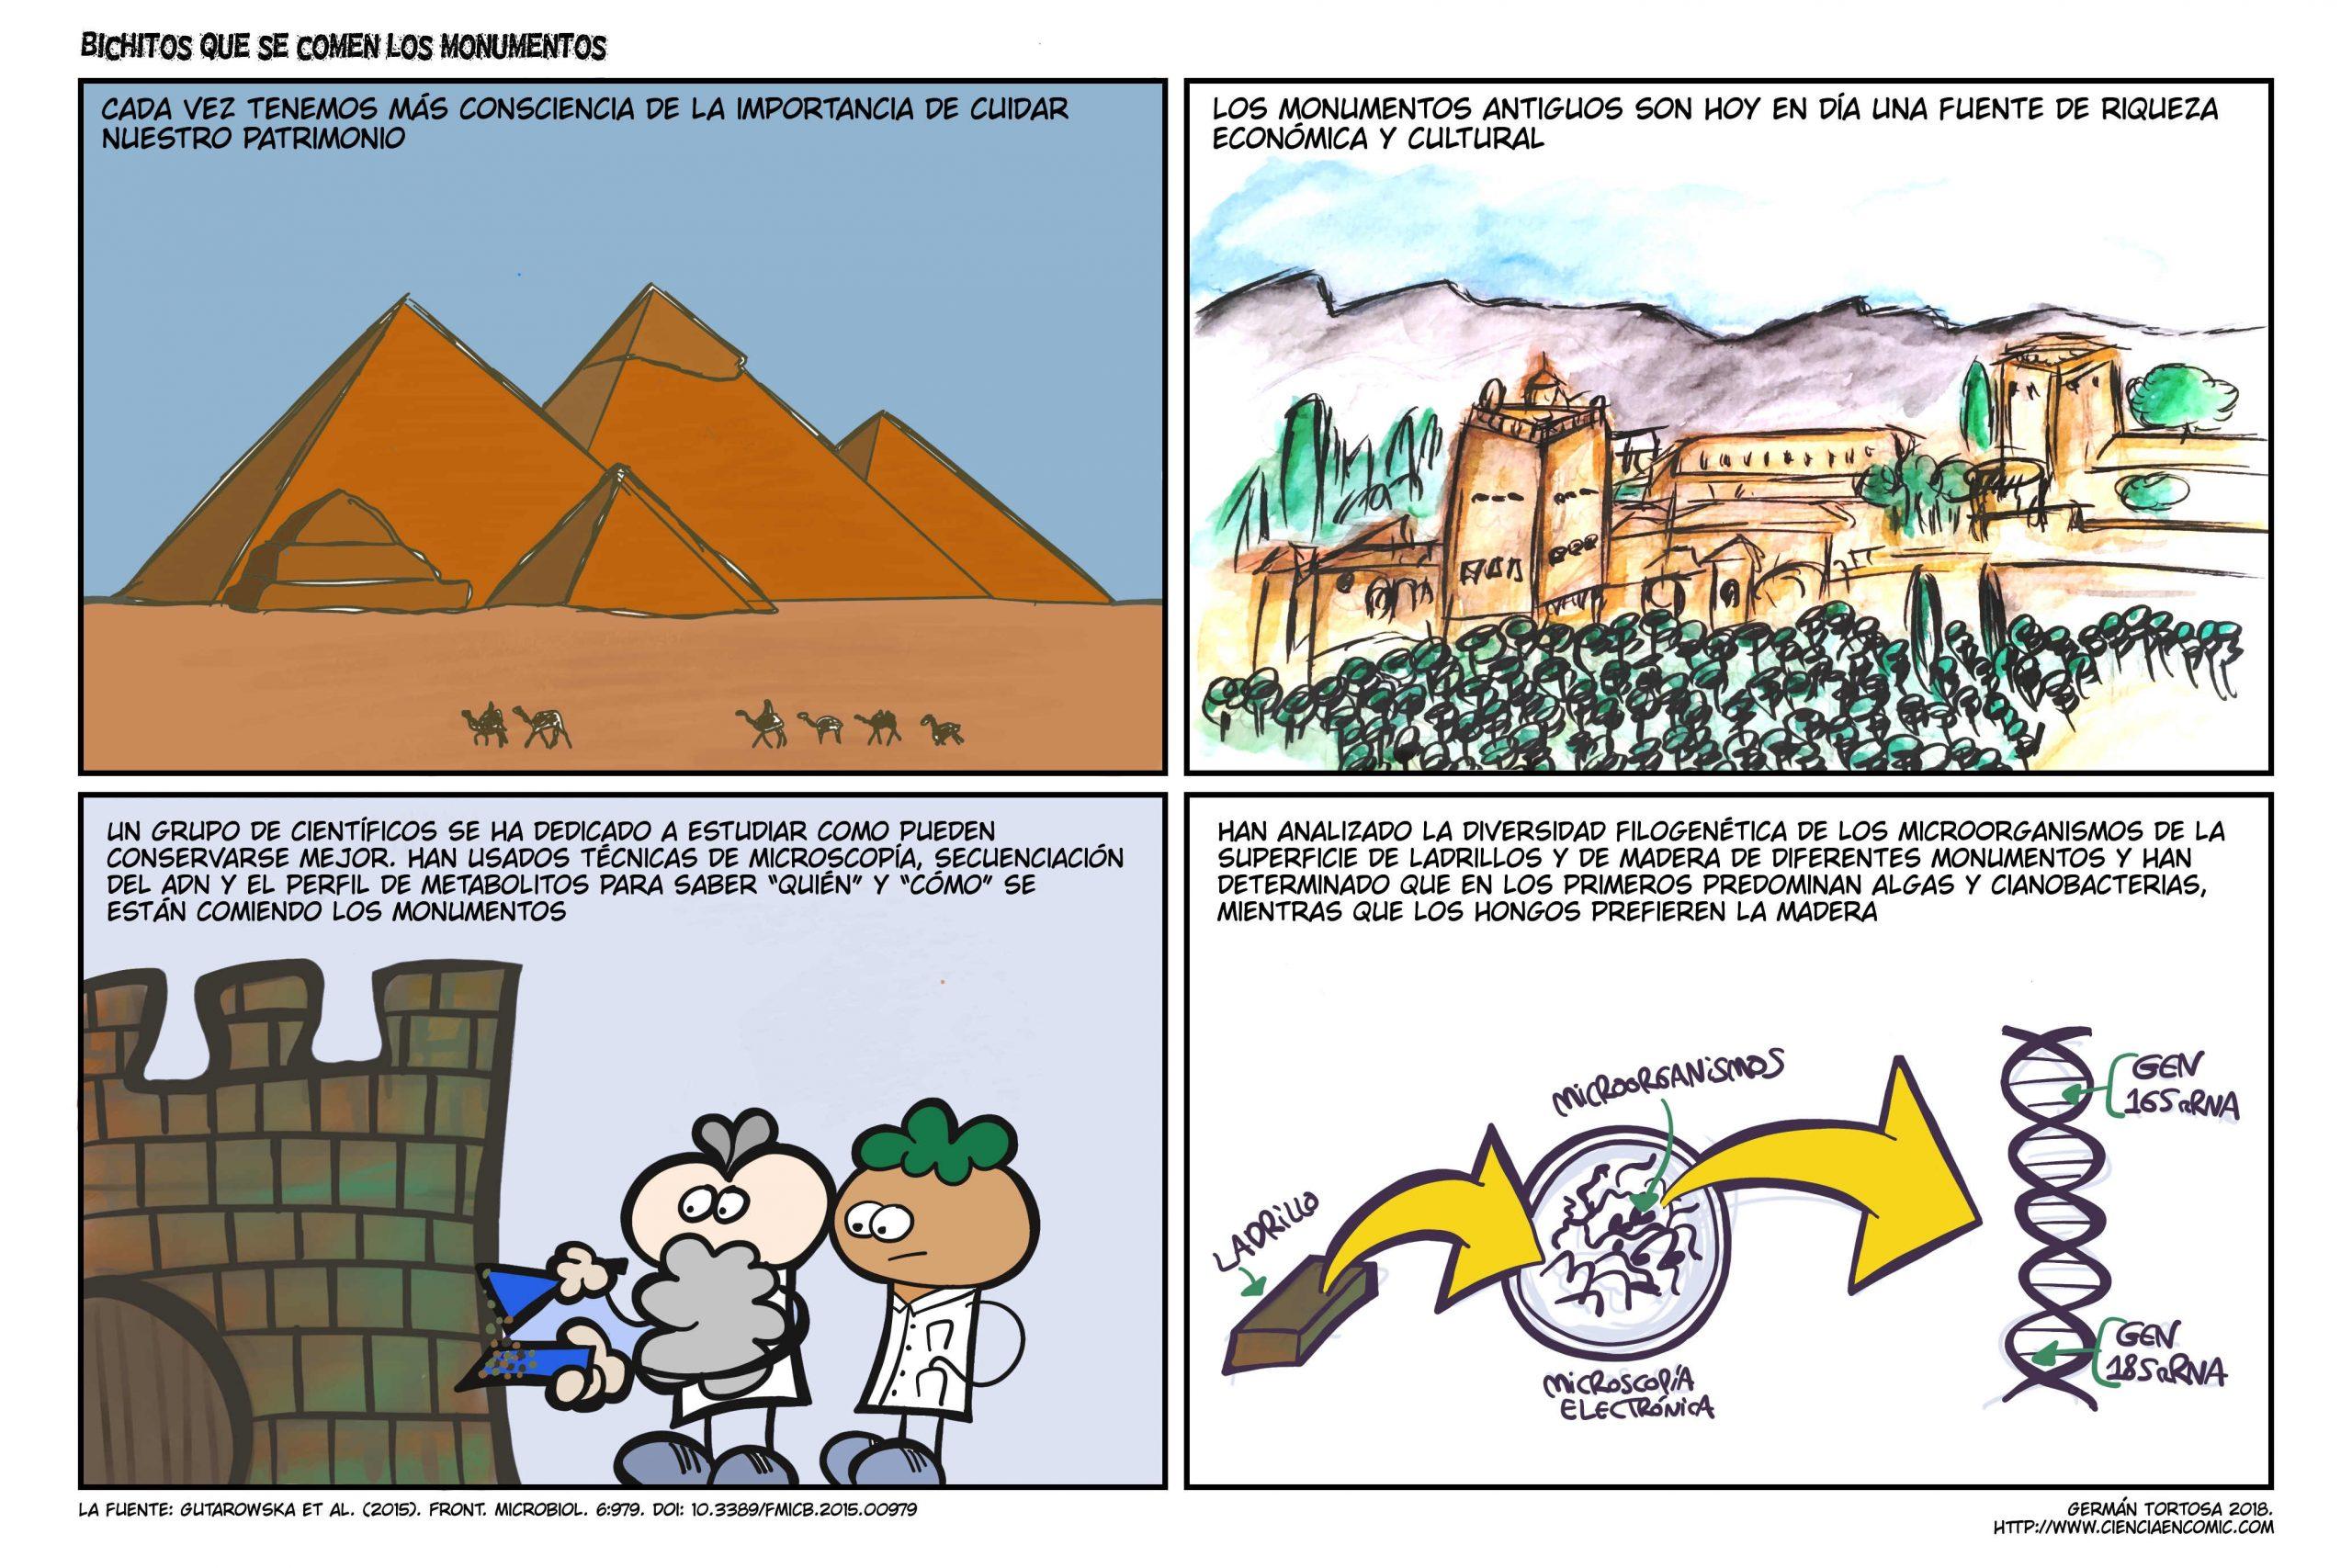 08) Divulgación: Bichitos que se comen los monumentos